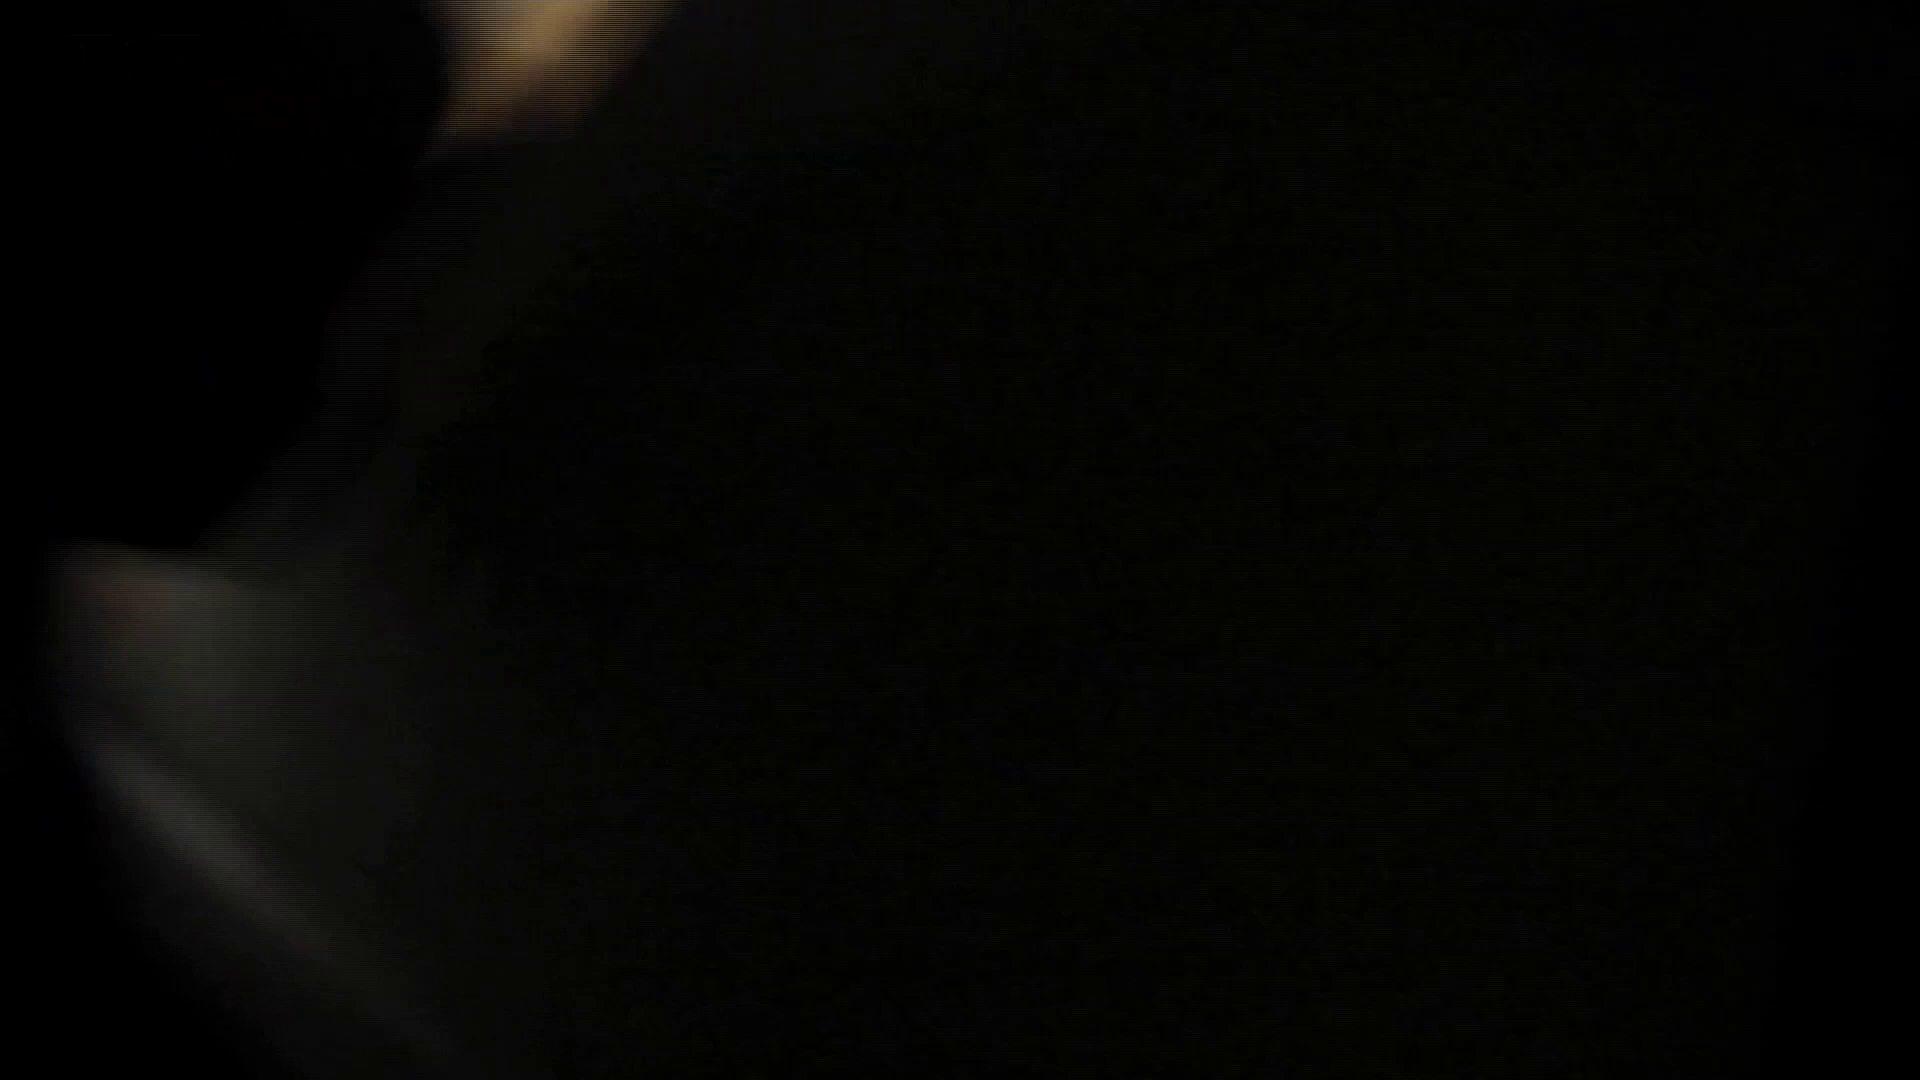 ステーション編 vol40 更に画質アップ!!無料動画のモデルつい登場3 高画質  80PIX 36